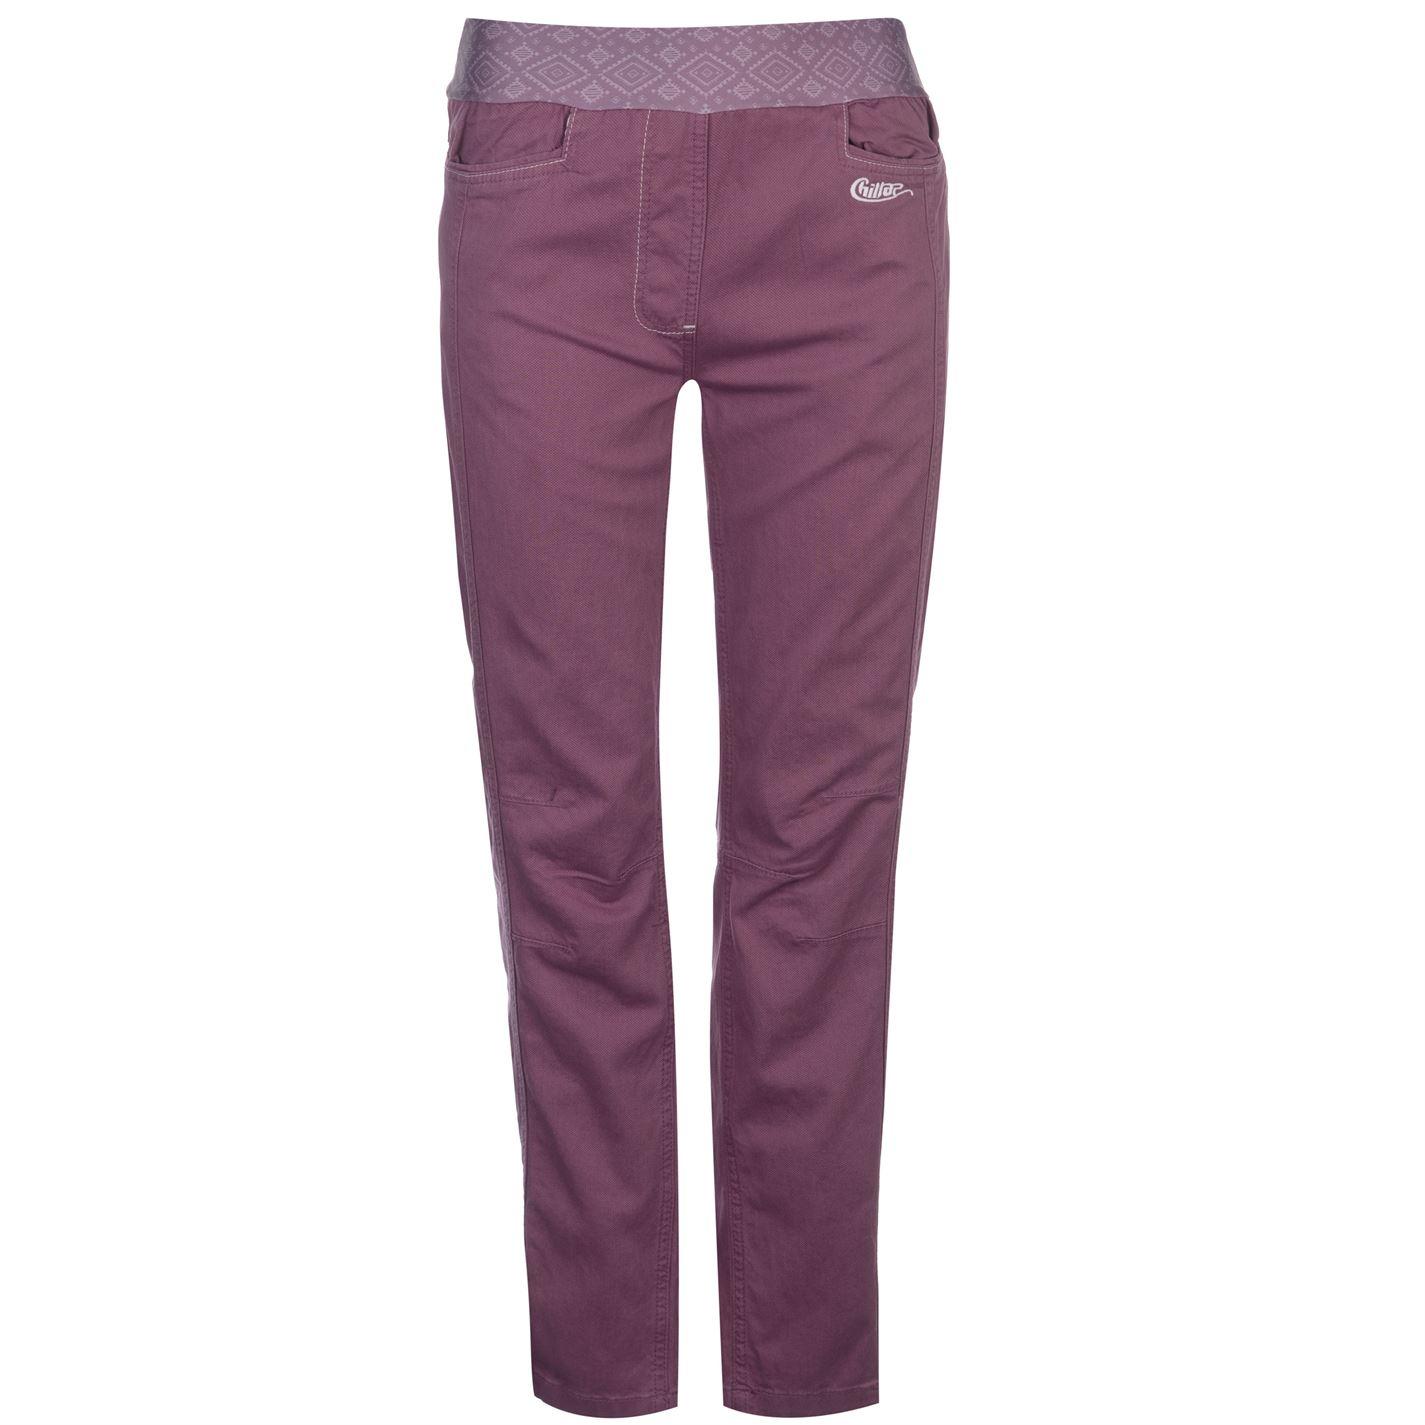 Pantaloni Chillaz Sarah pentru Femei mov